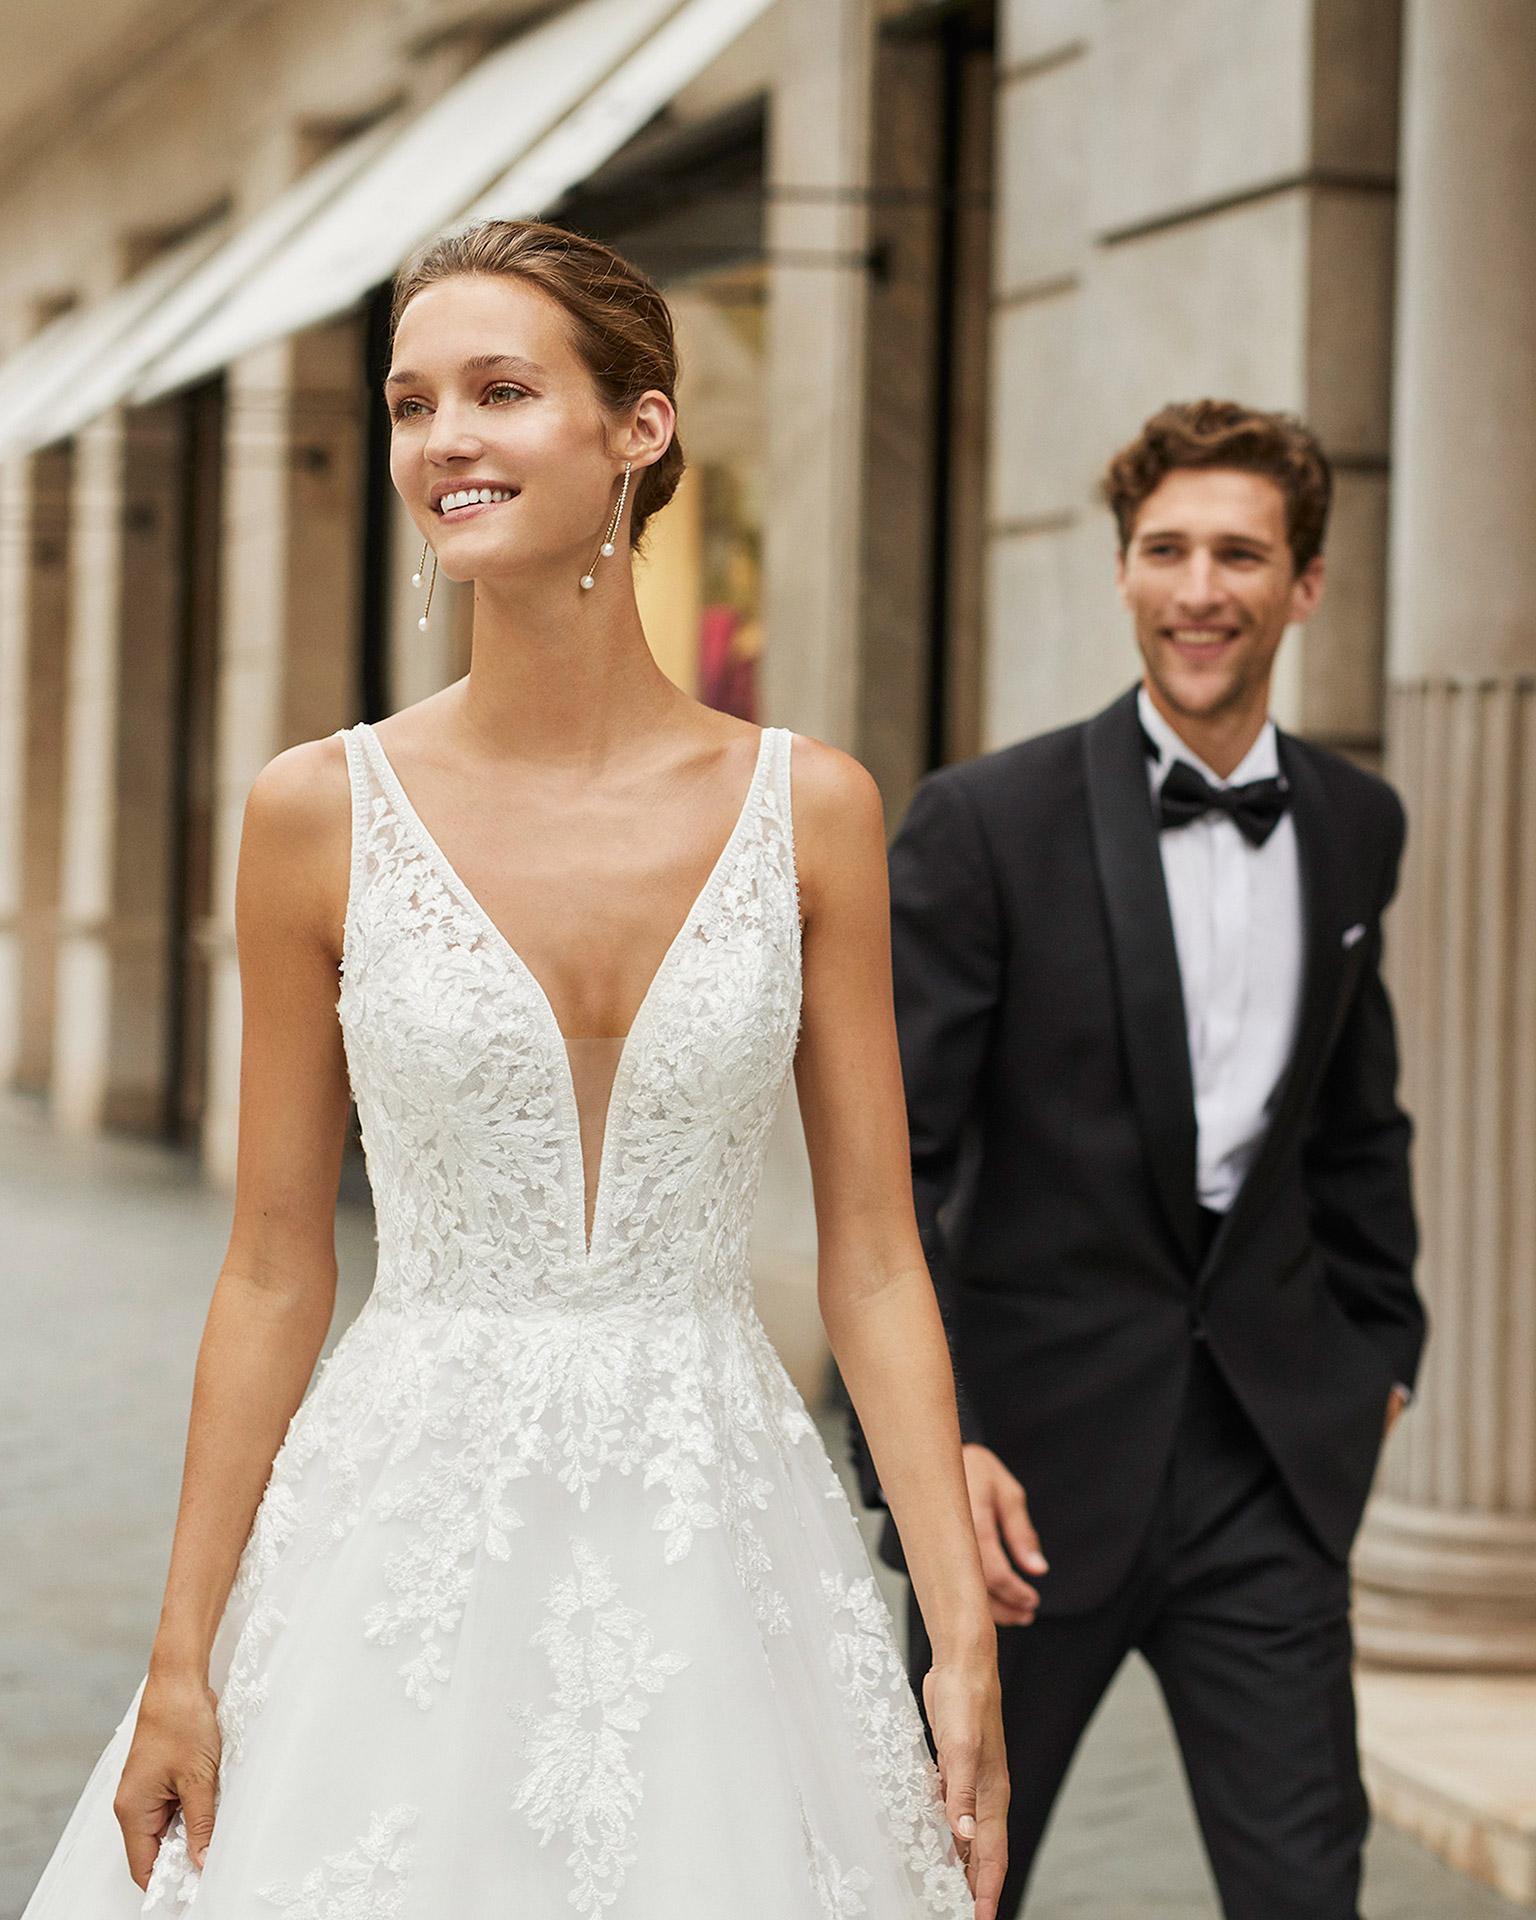 Vestido de novia de estilo linea A, tul, encaje y pedrería. Escote deep plunge y espalda en V. Colección  2022.